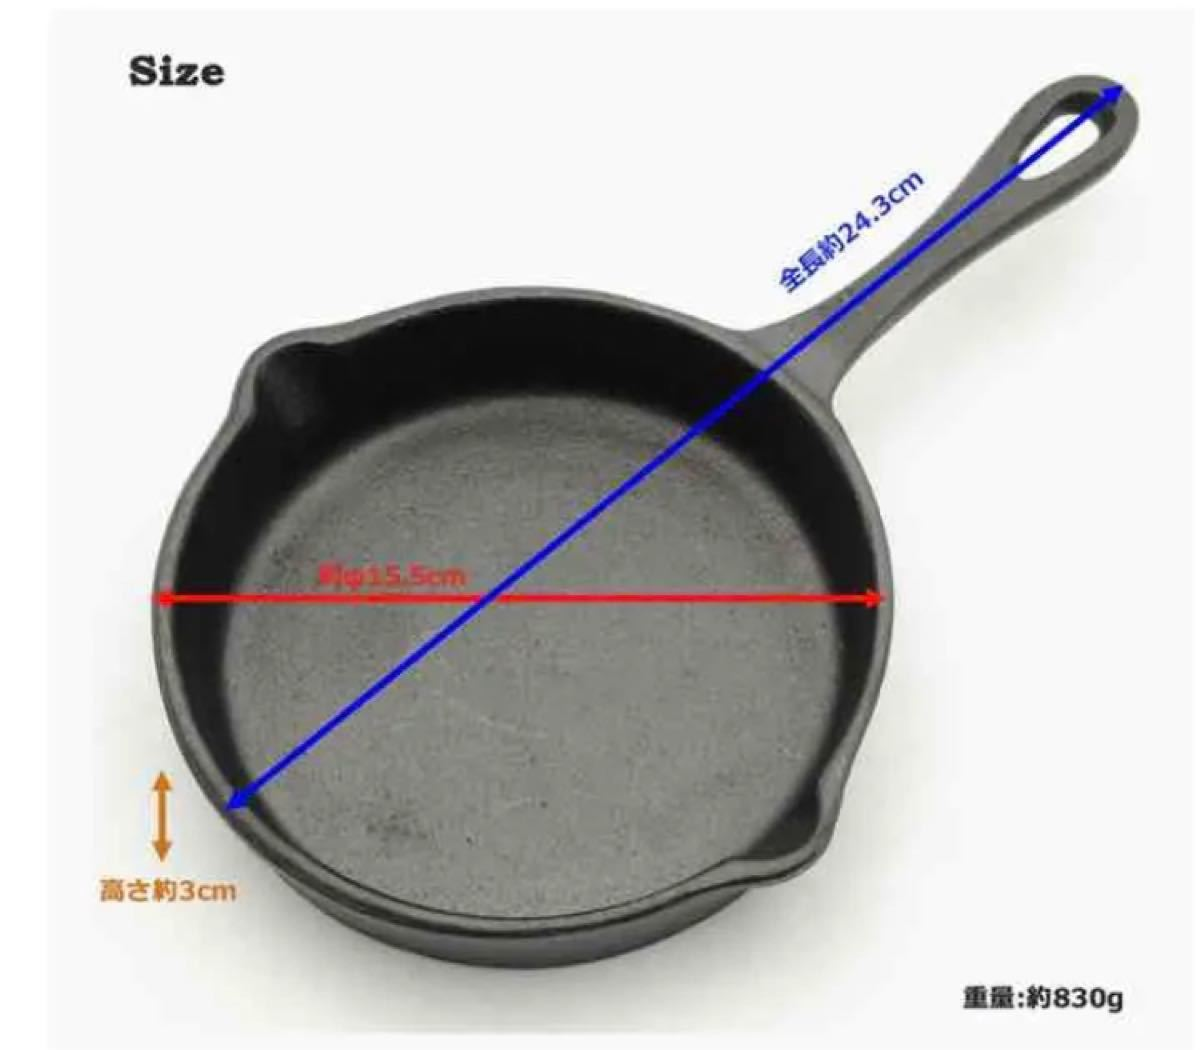 IH対応 15.5cm スキレットパン+天然竹スキレット用鍋敷き 2点セット 新品